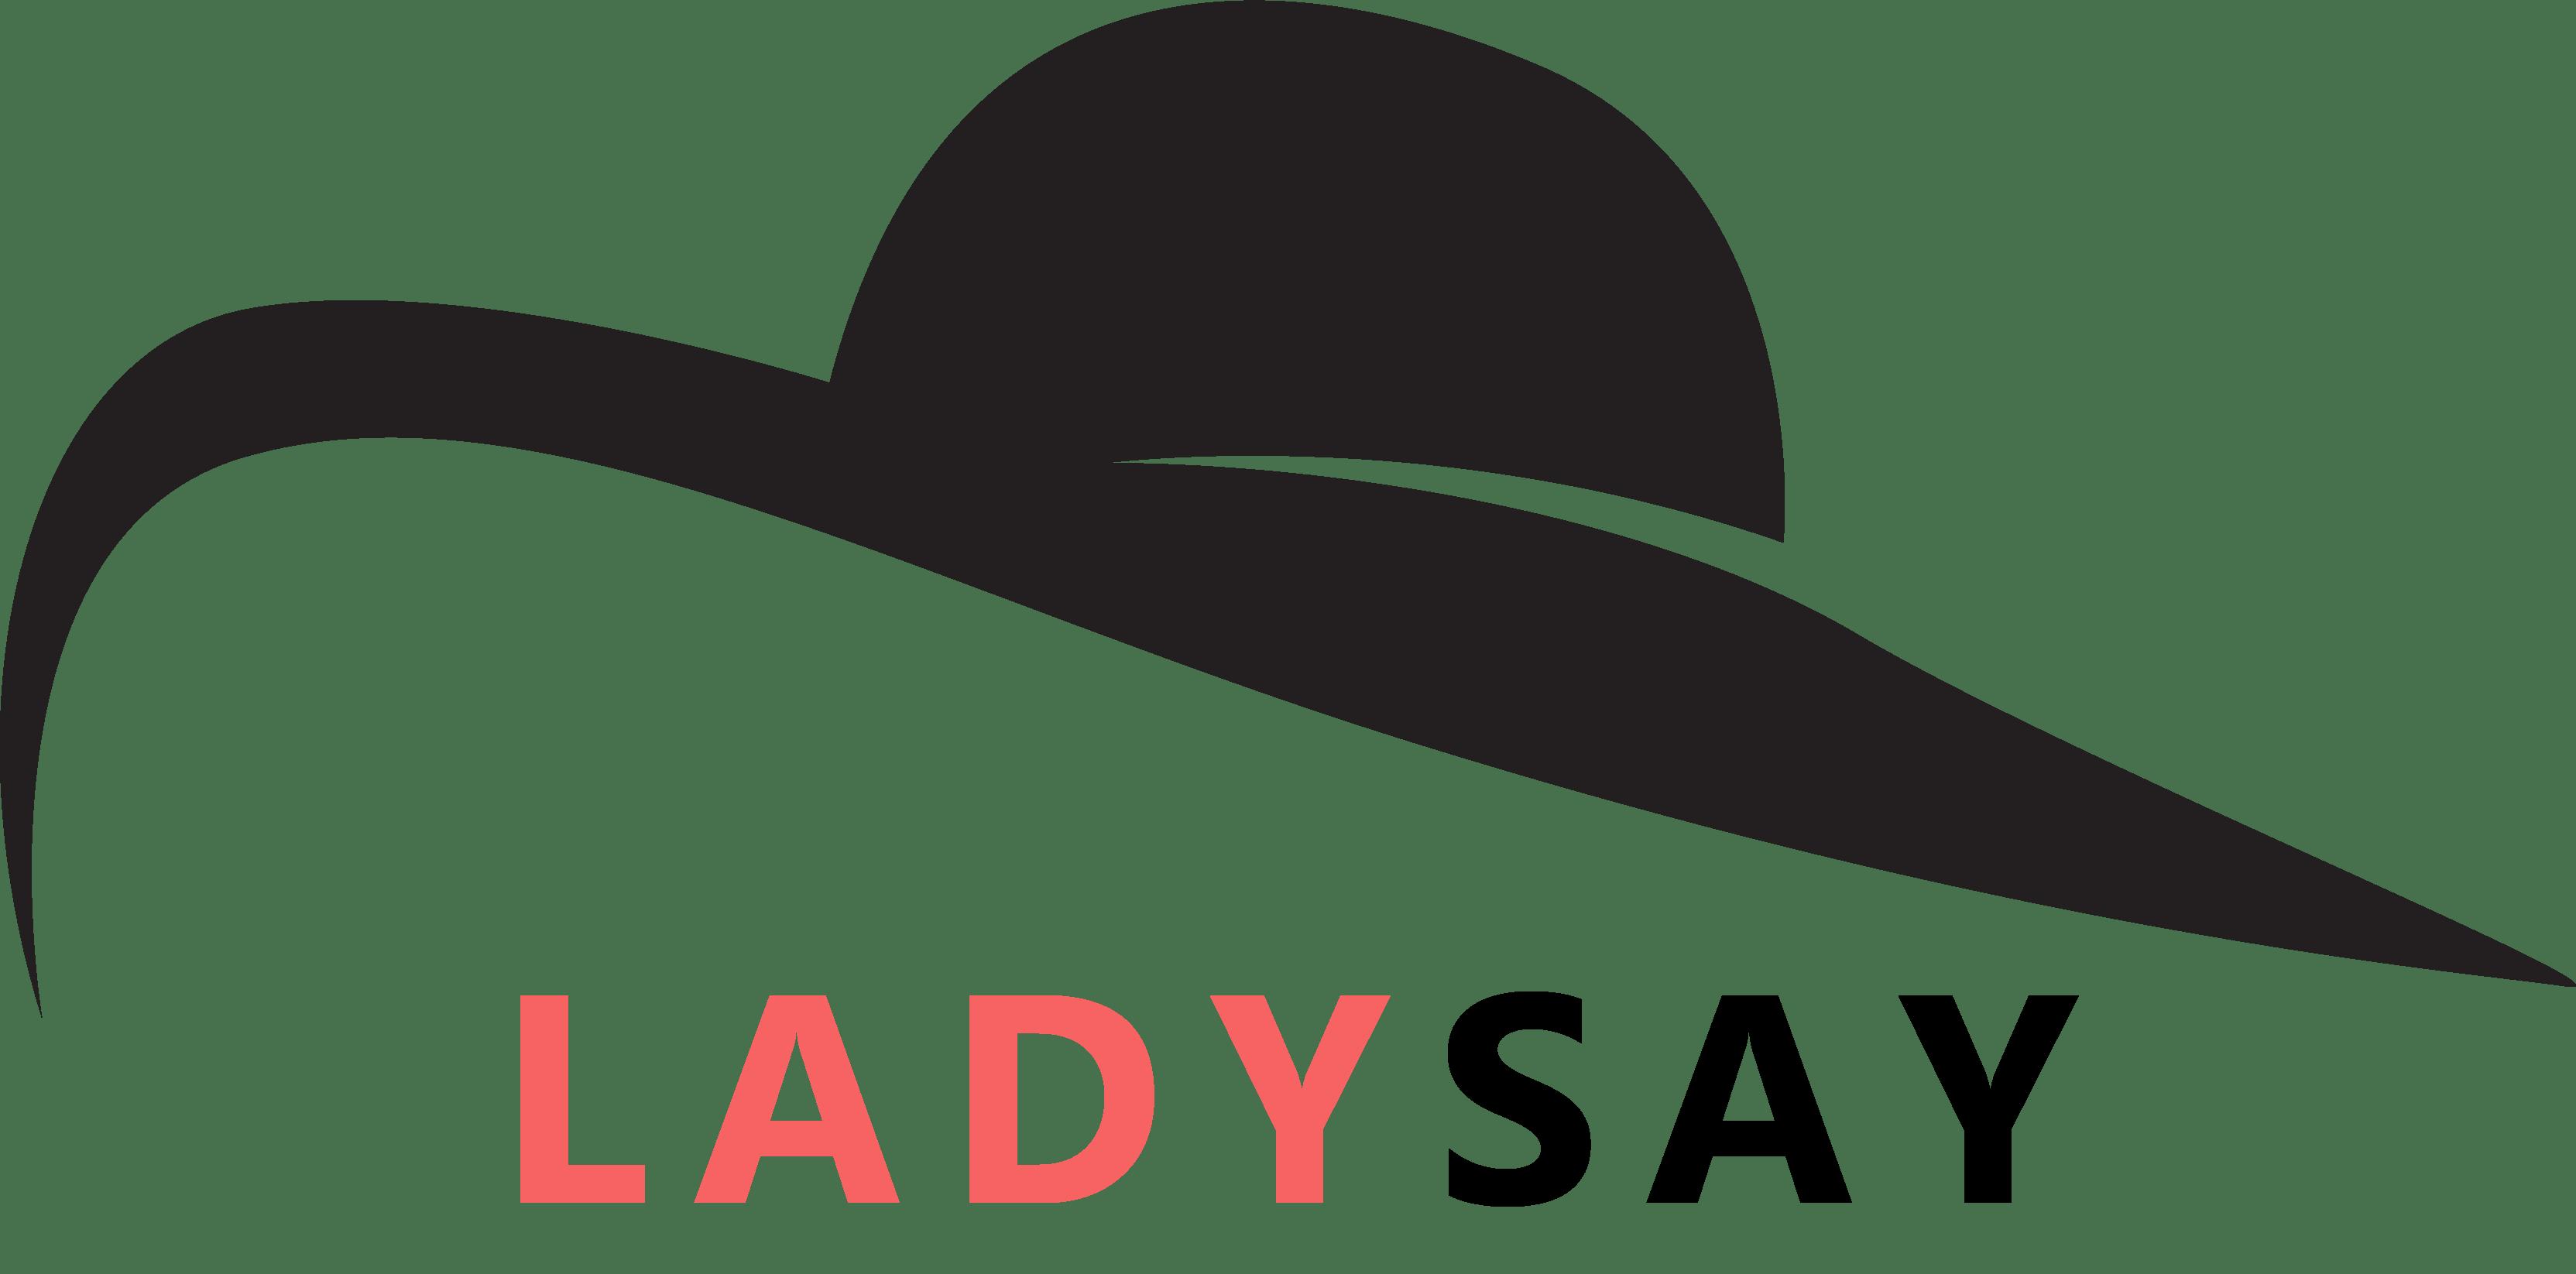 LADYSAY